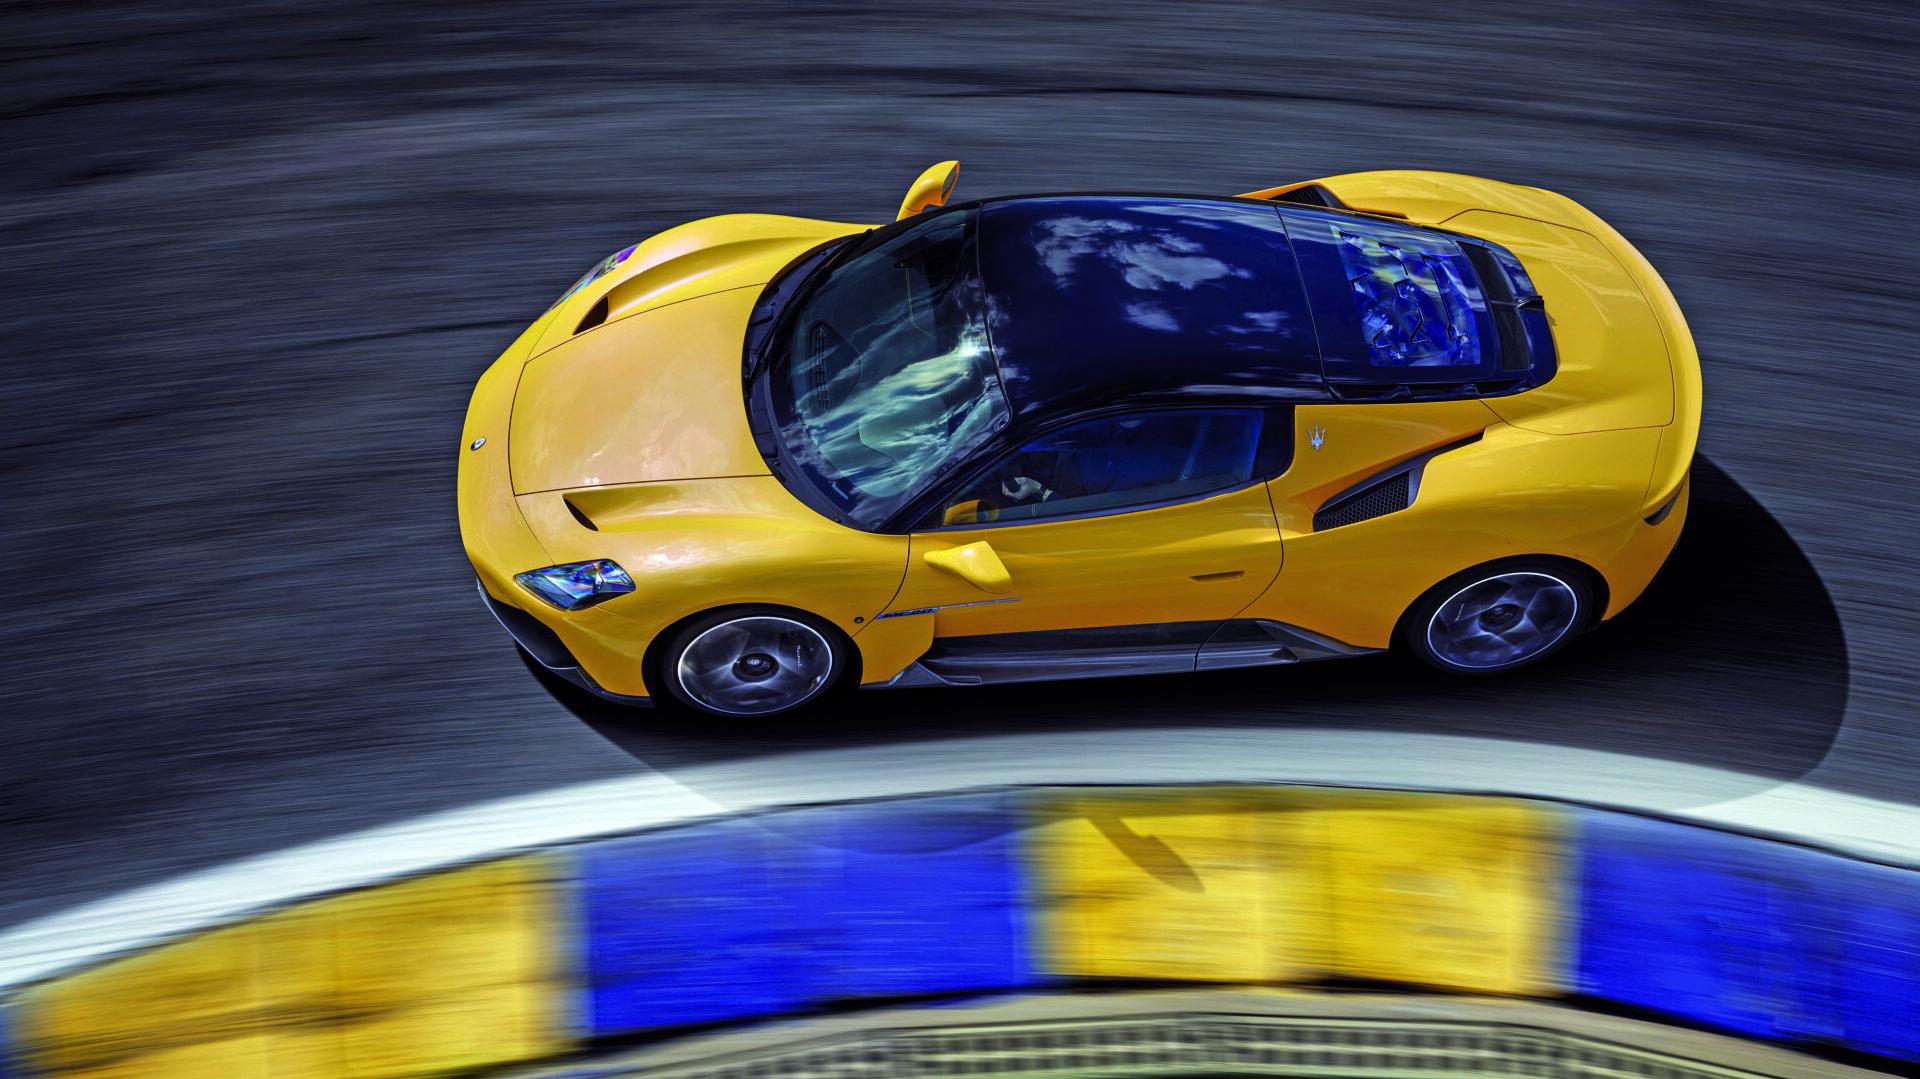 Maserati MC20 Exterior 2 edited